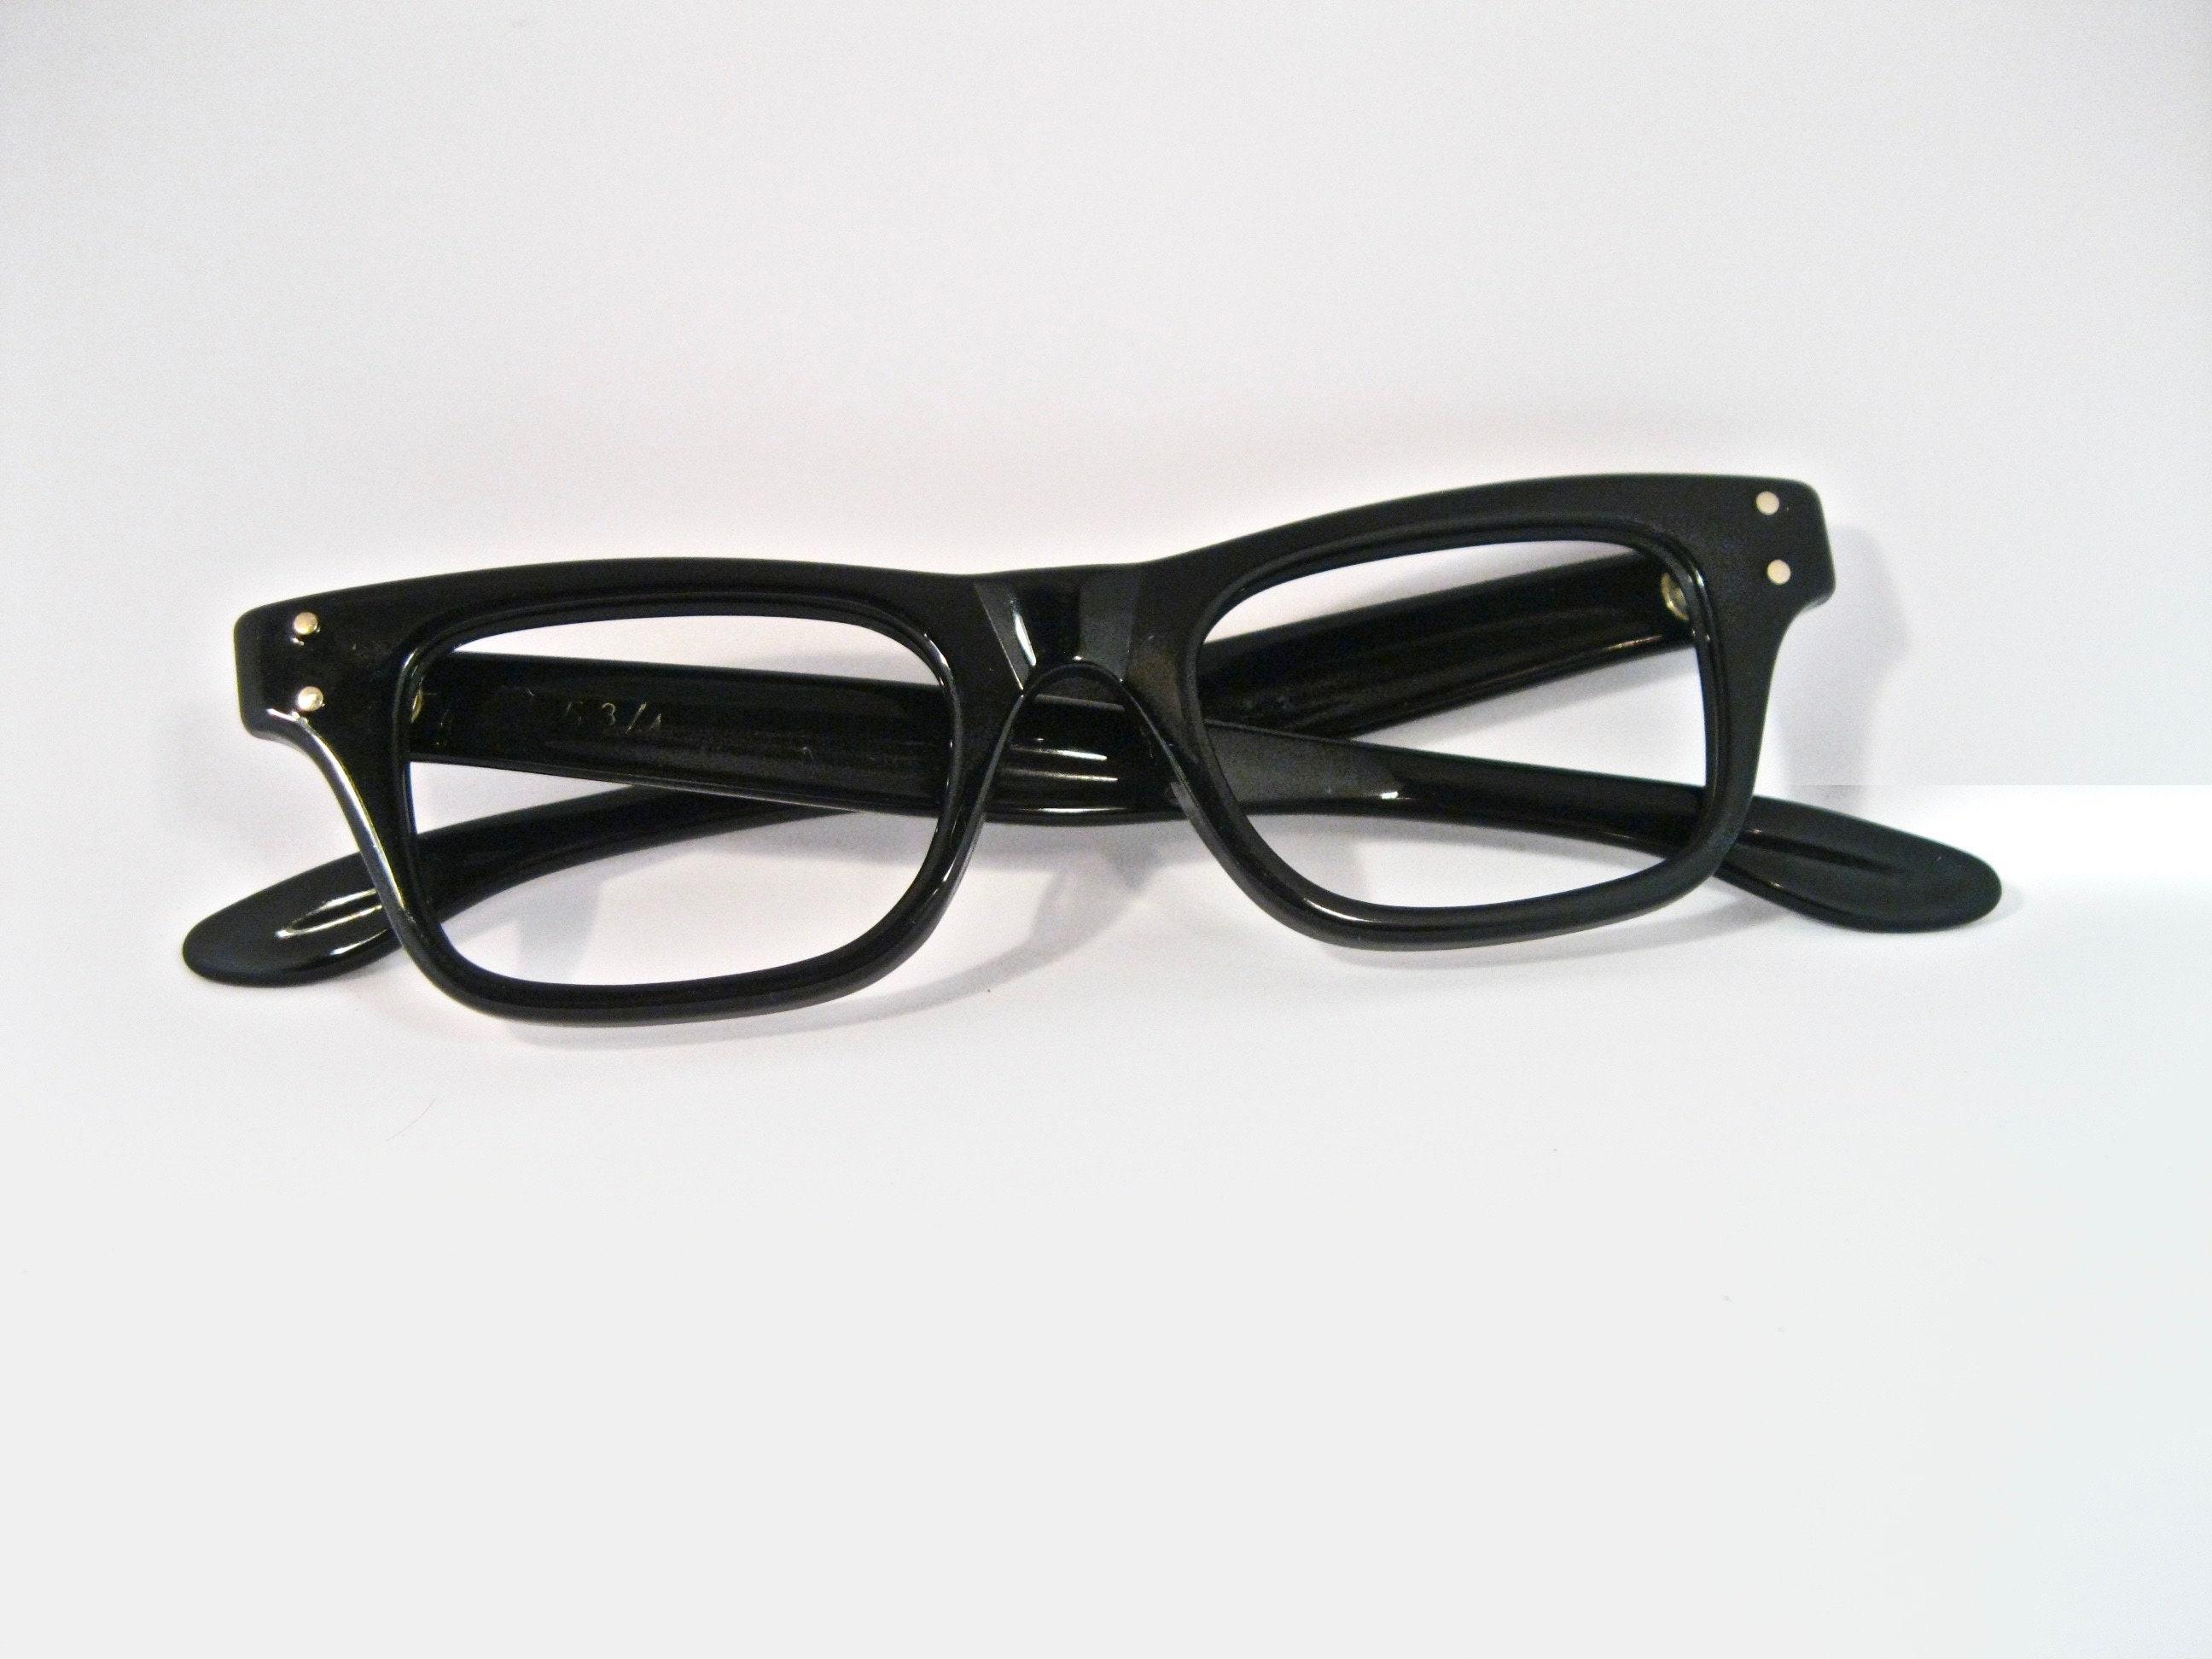 a59b42eb157ba Tart Optical Boeing horn rimmed glasses Mens eyeglasses